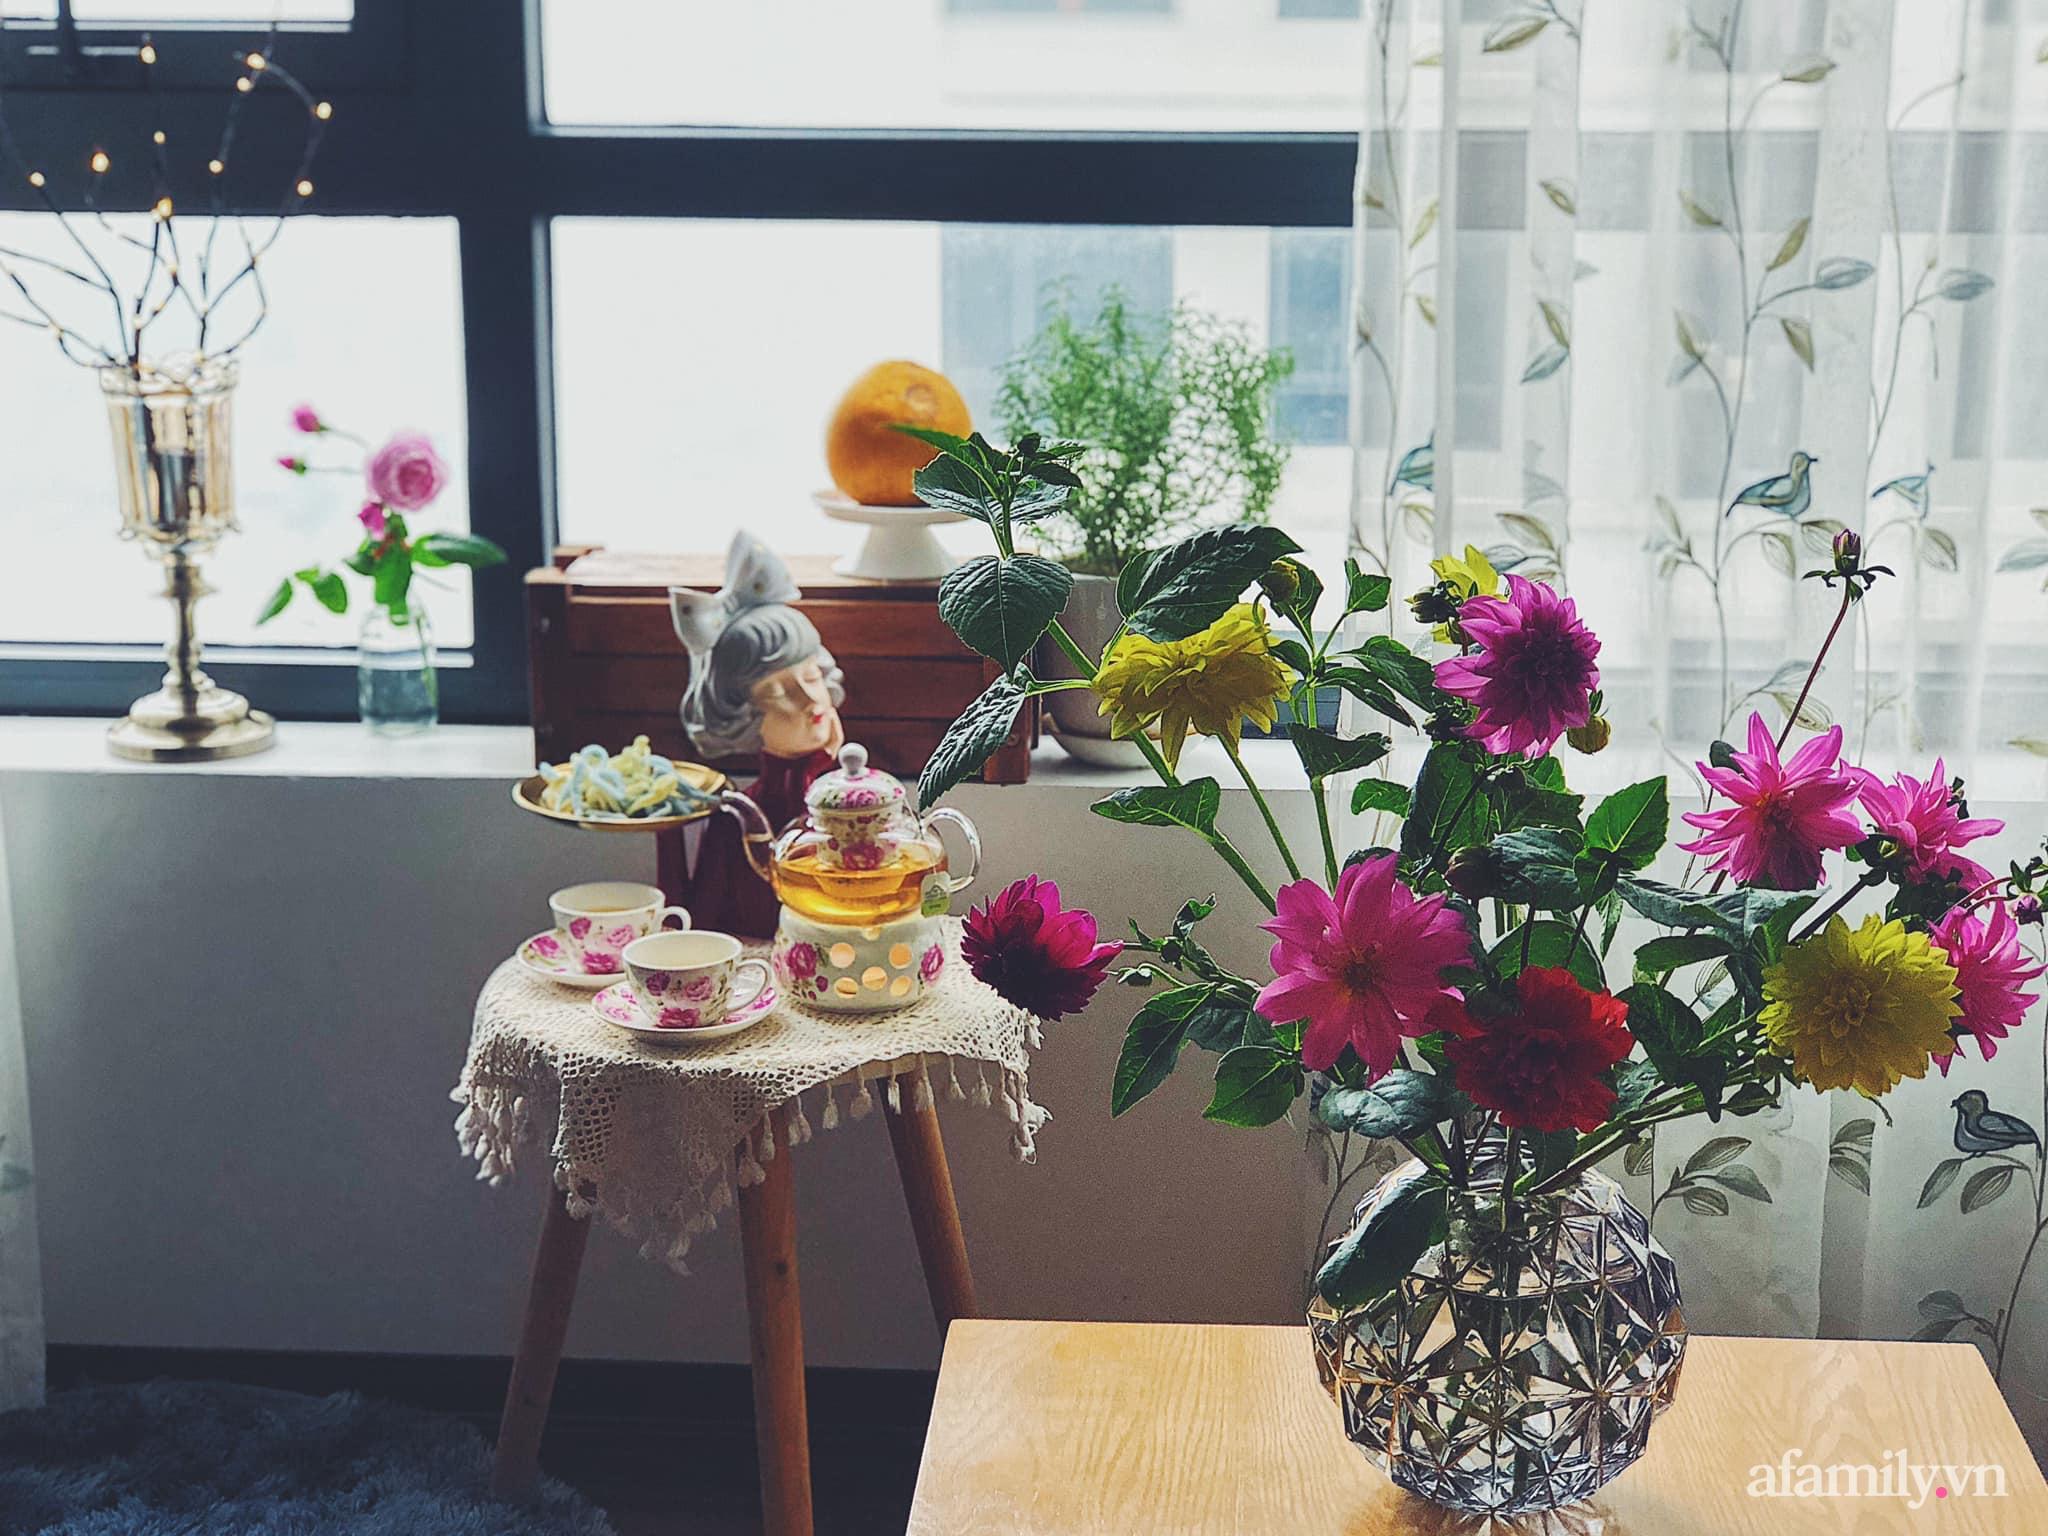 Mẻ đảm Hà Nội khéo mang Tết vào tổ ấm đẹp duyên dáng với gốm và hoa - Ảnh 6.